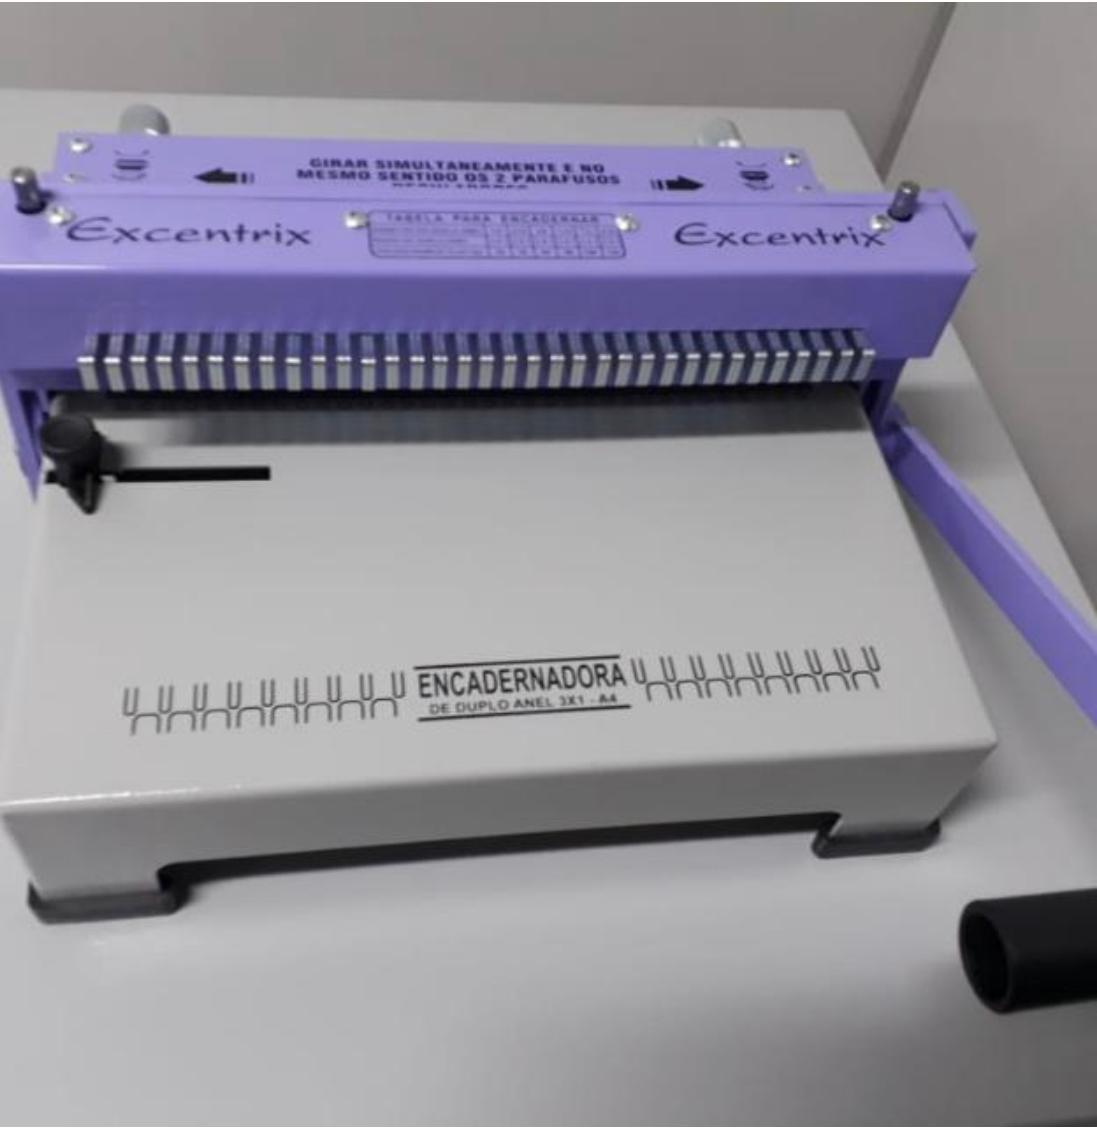 Encadernadora Perfuradora Fechadora Wire-o Passo 3x1 Conjugada e Espiral A4 Excentrix Espiralflex  - Click Suprimentos